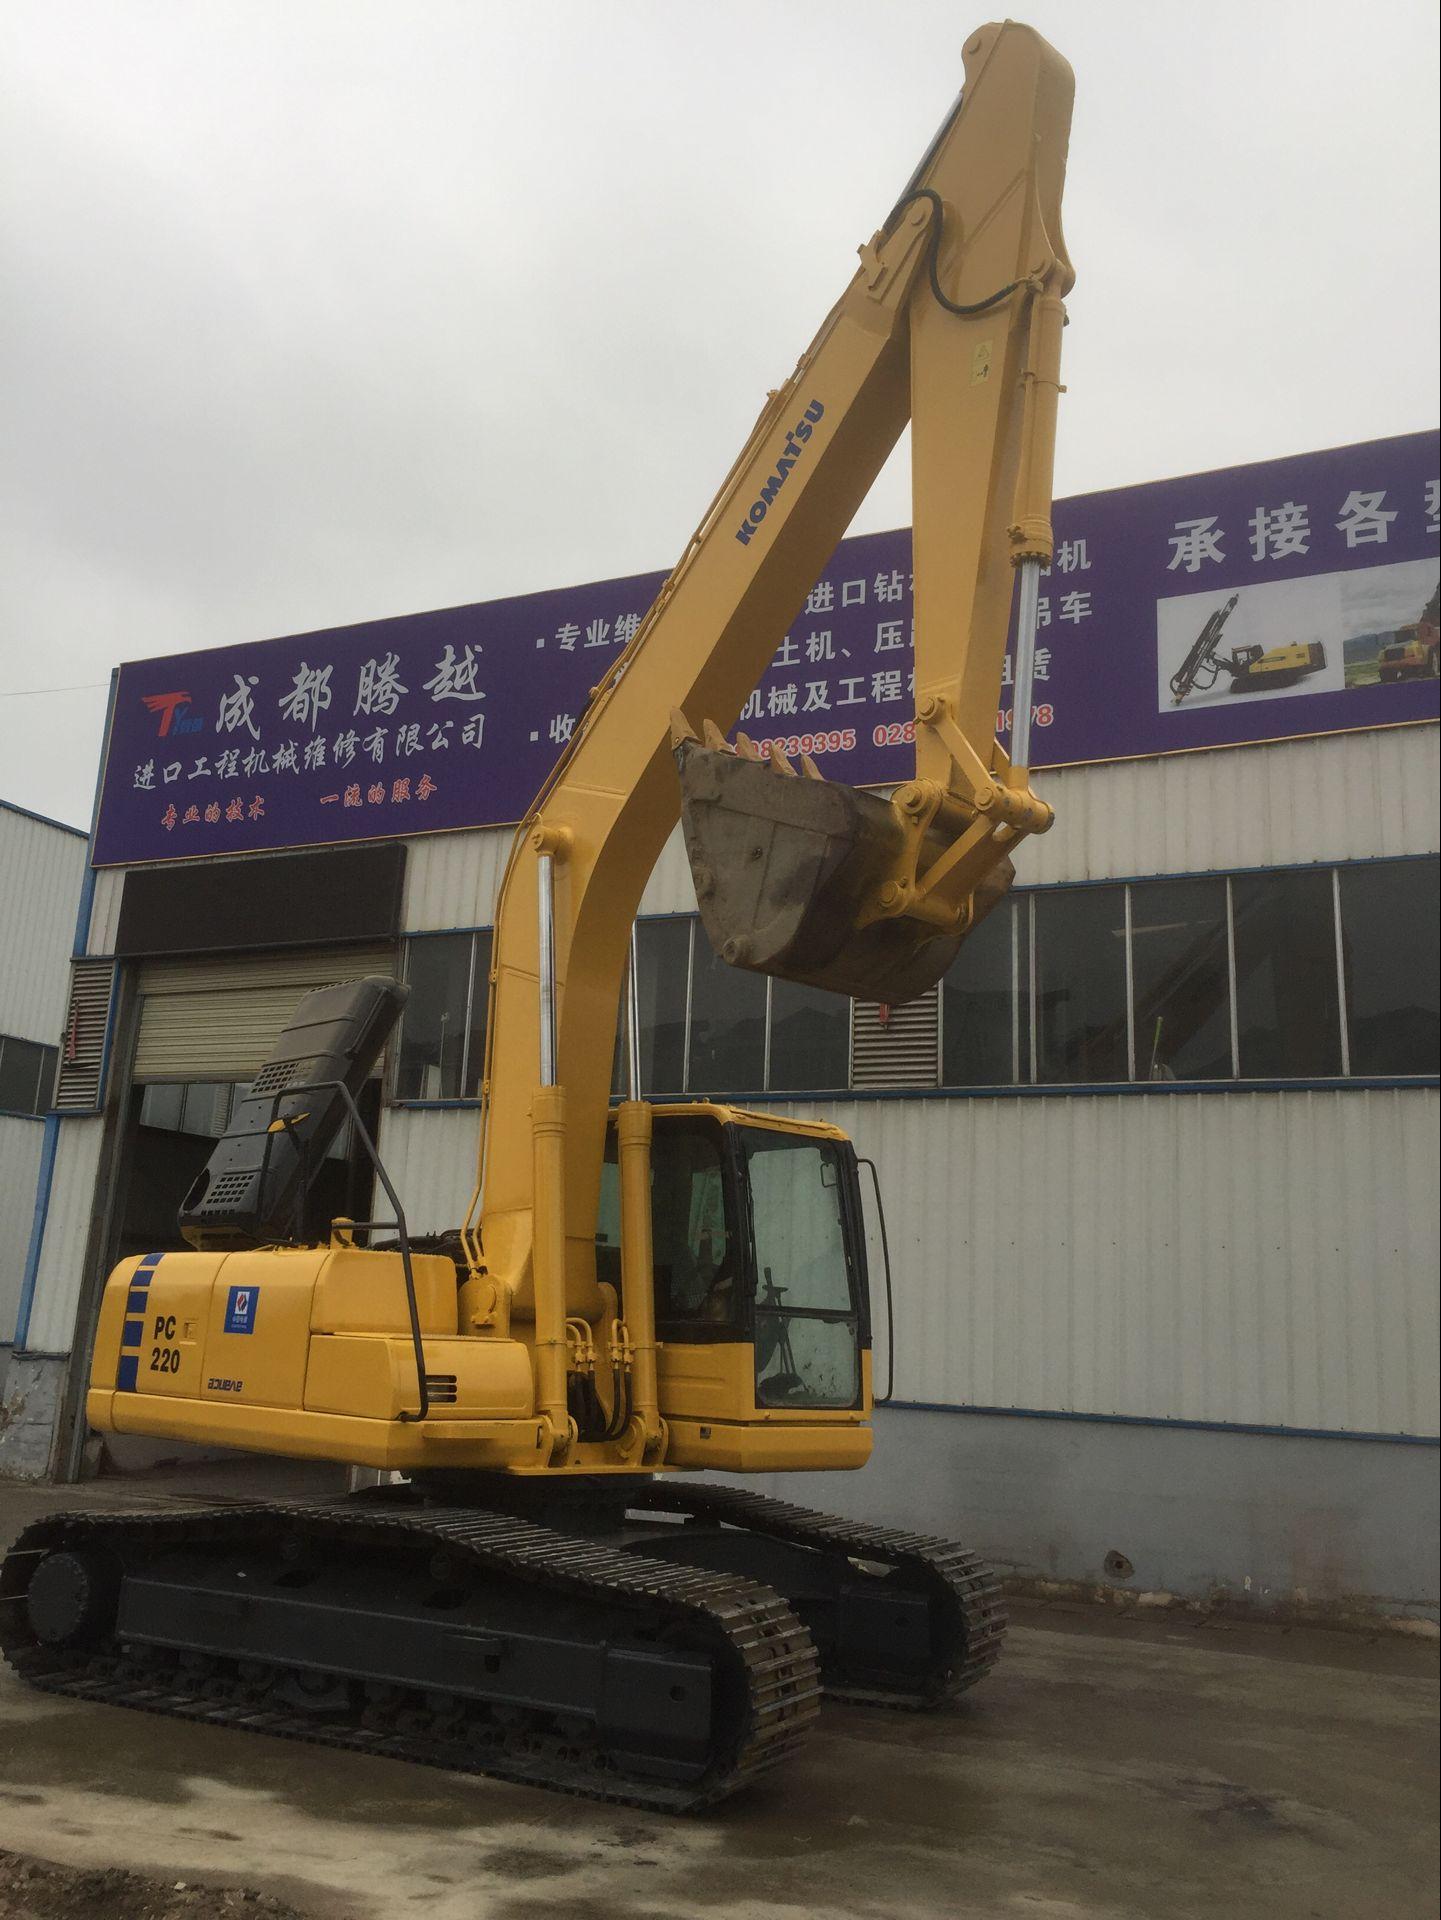 液压小松挖掘机检修_成都腾越进口工程机械维修有限公司